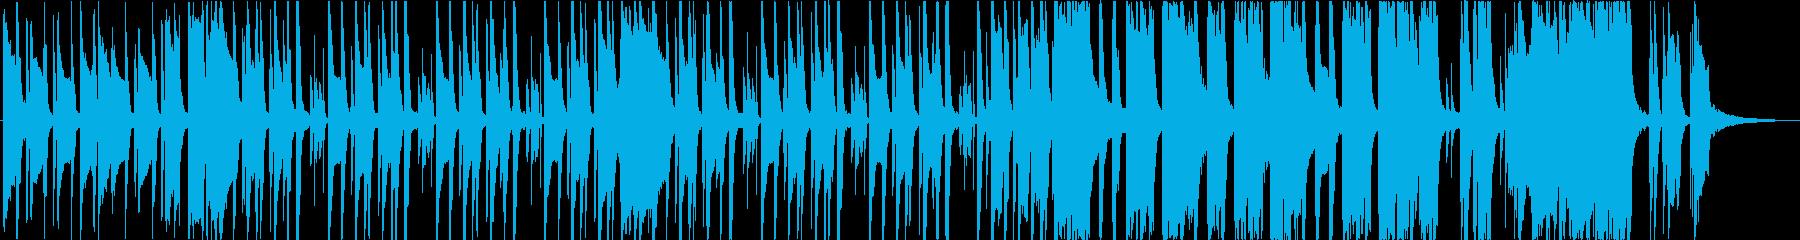 オケと小編成バンドのかわいいBGMの再生済みの波形